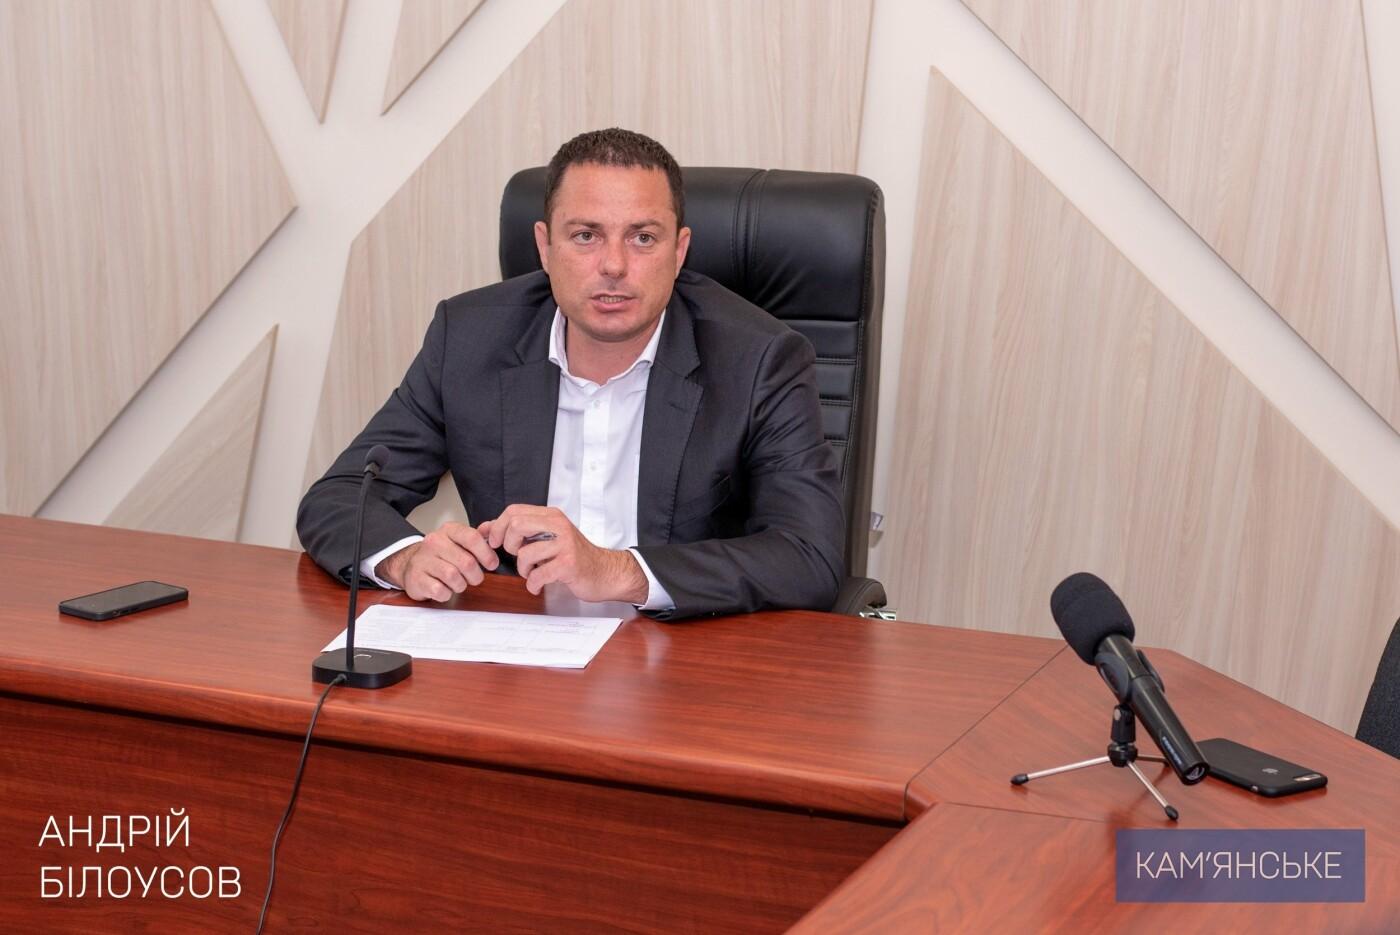 Мэр Каменского провел прием граждан, фото-2